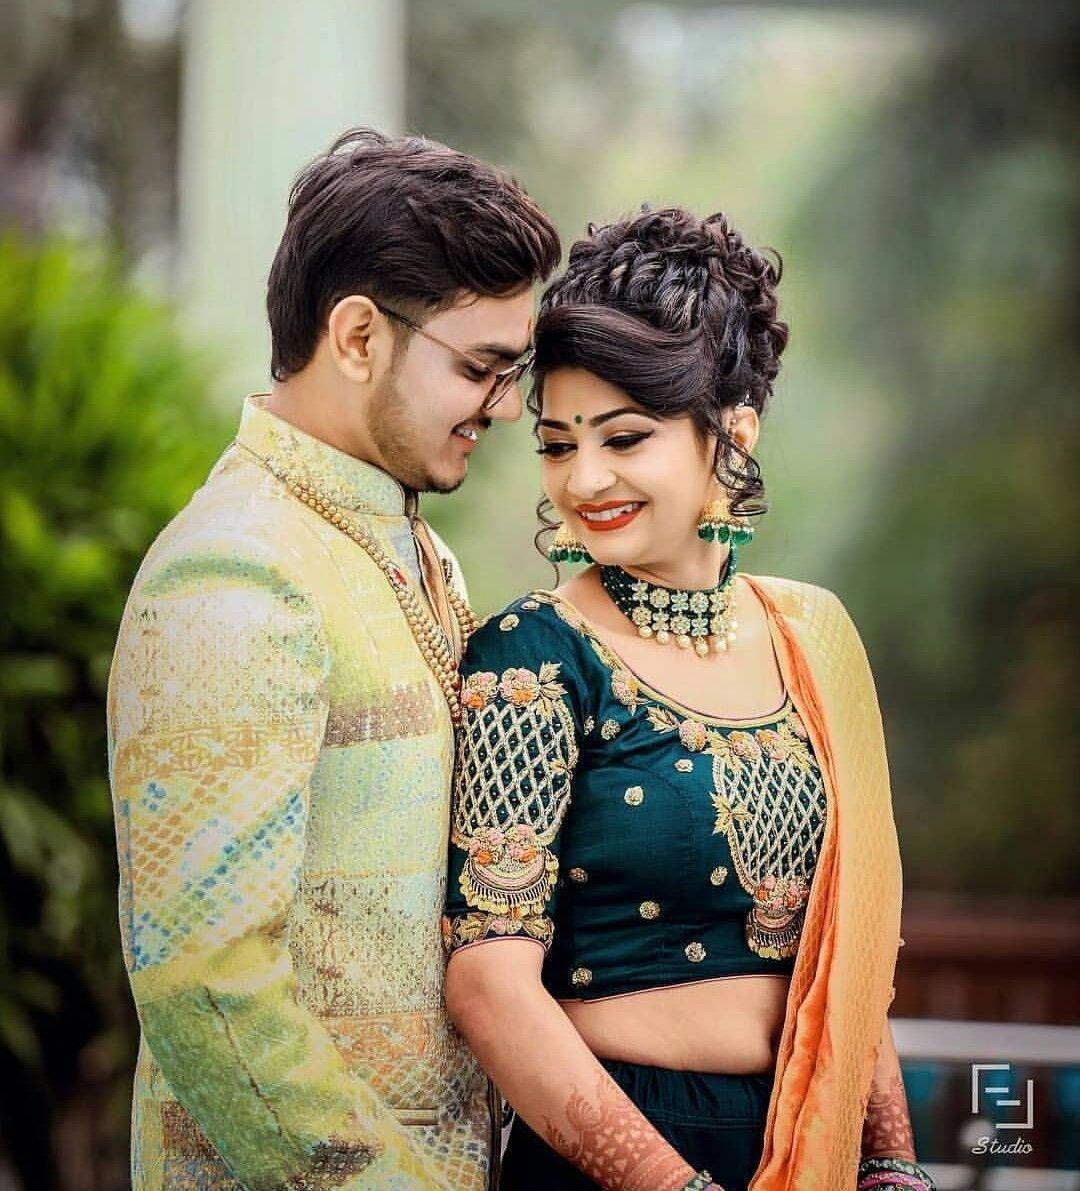 Outdoor Garden Wedding Photography Gardenweddingphotograph Indian Wedding Couple Photography Wedding Couple Poses Photography Indian Wedding Photography Poses